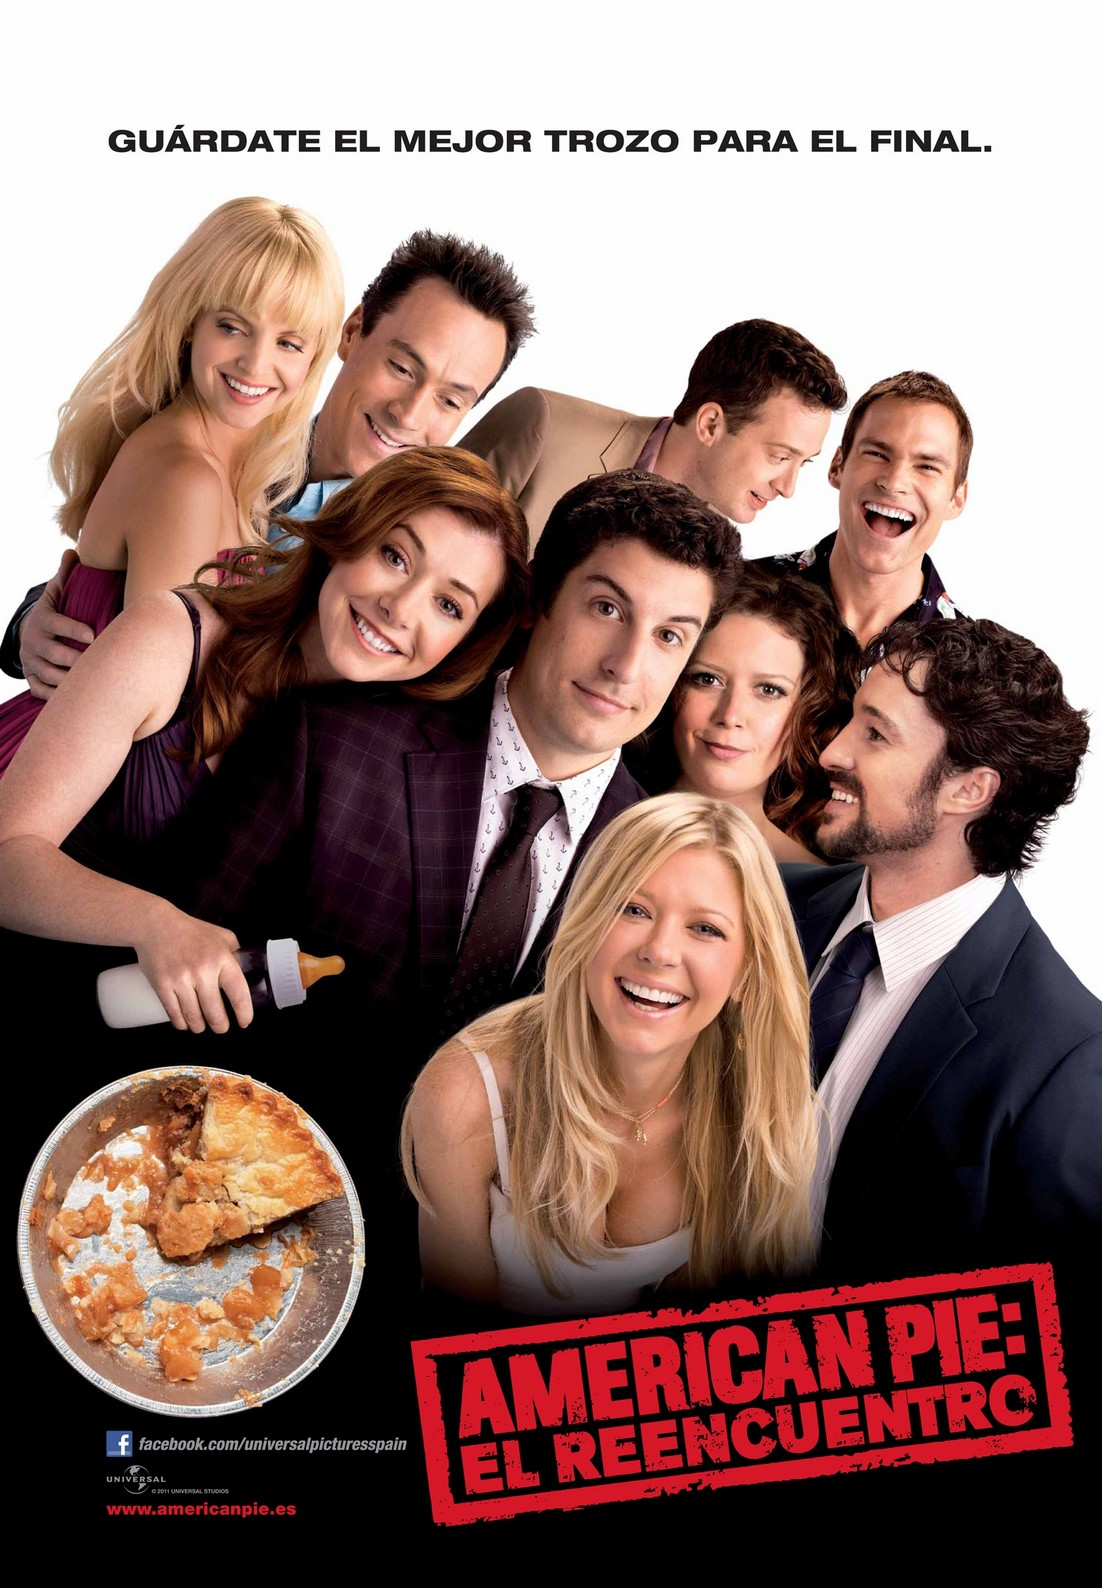 American Pie: El Reencuentro - (2012) - Review Propio